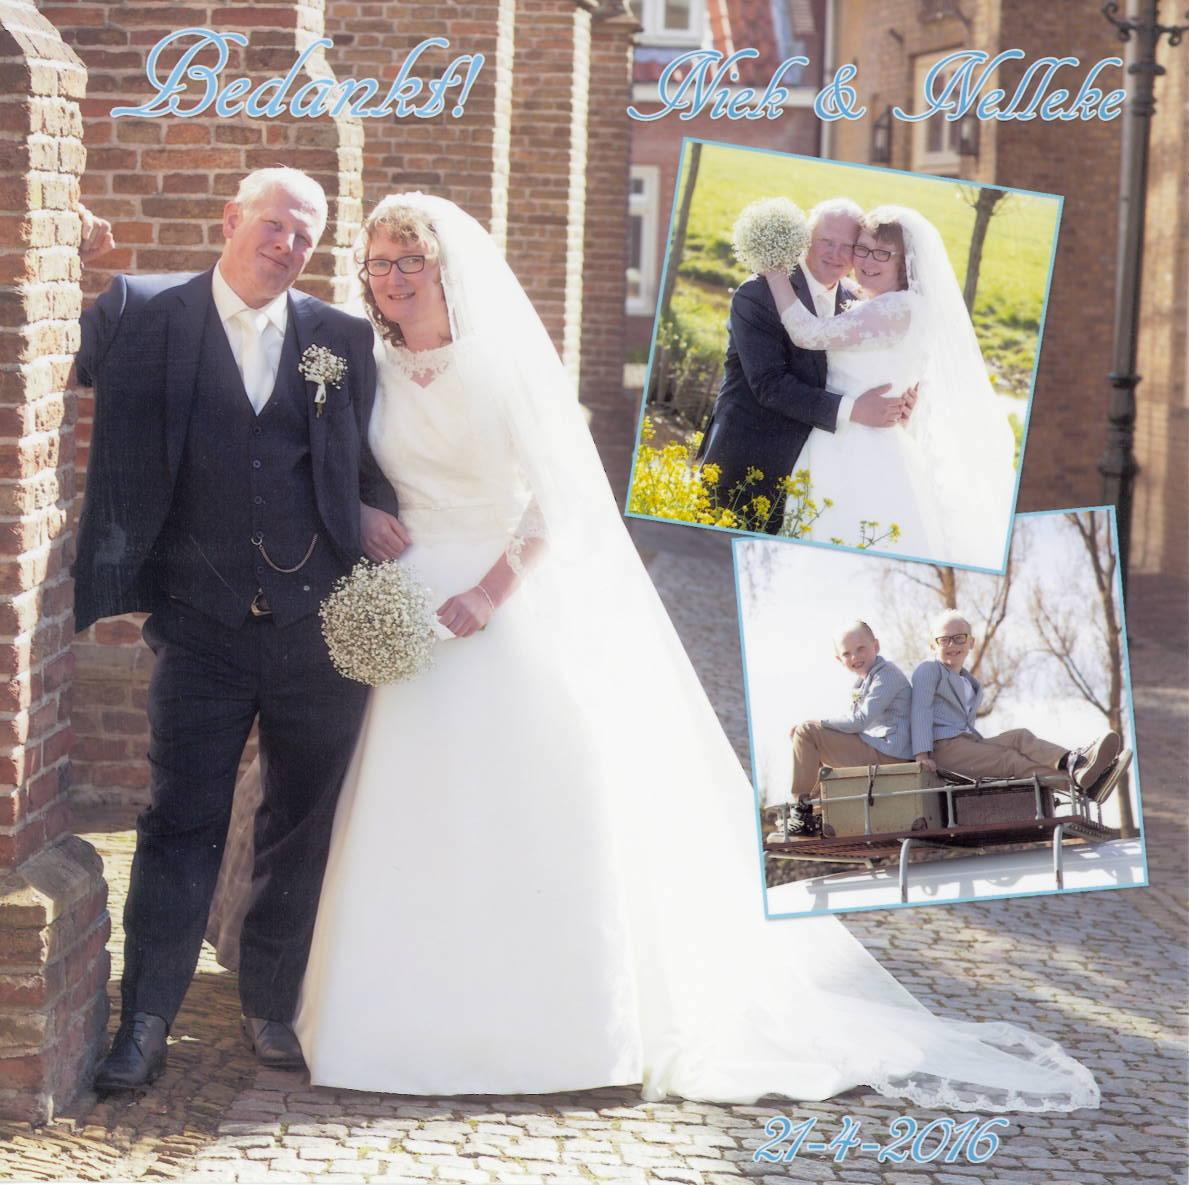 Bruidspaar Niek Veldman - Nelleke van der Perk (21-04-2016)